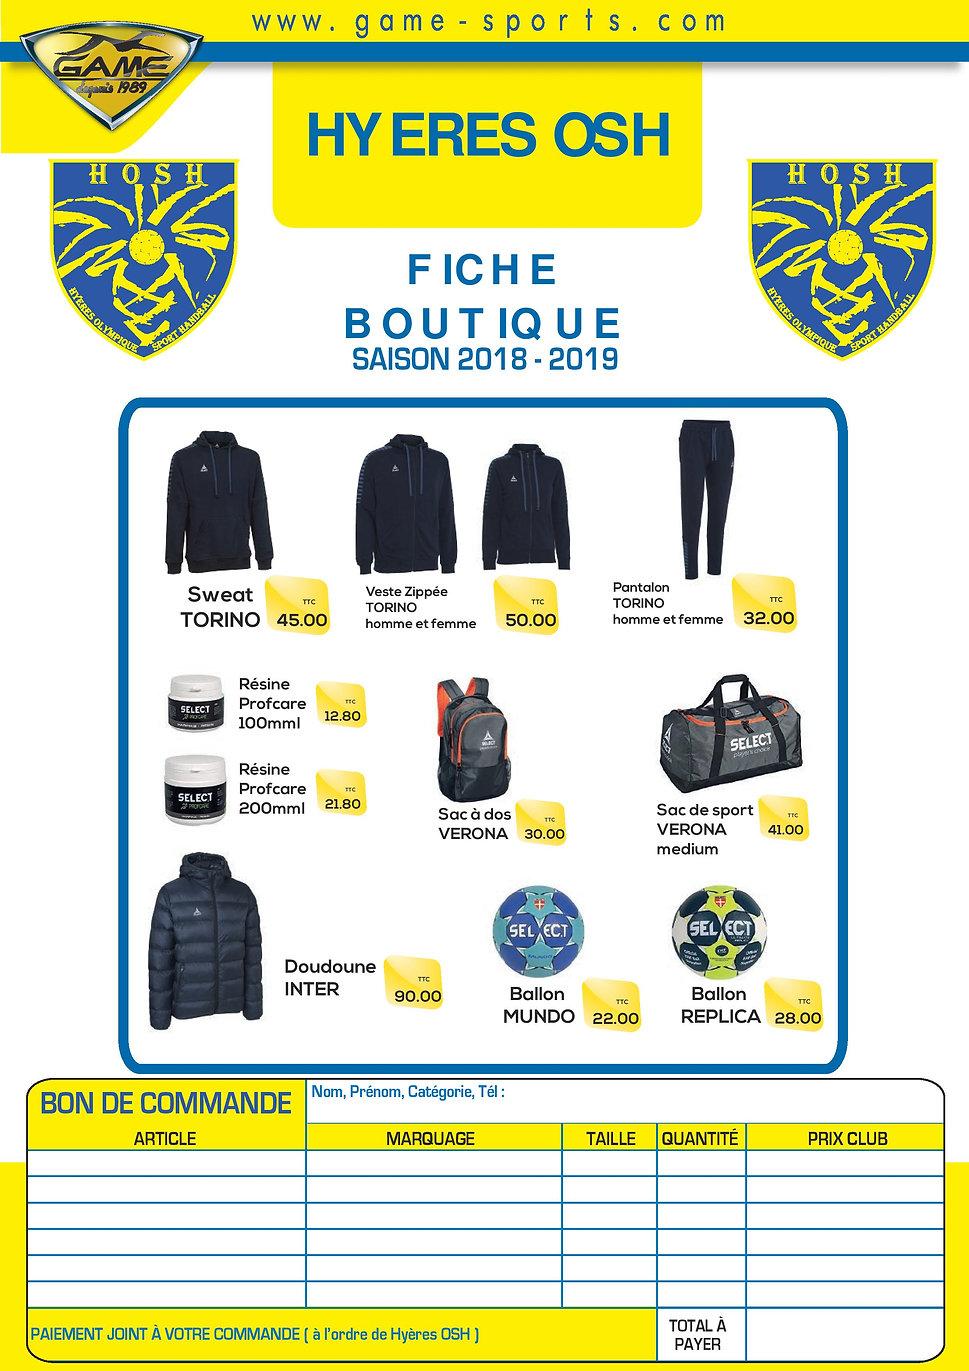 HYERES OSH  fiche boutique-2018-page-001